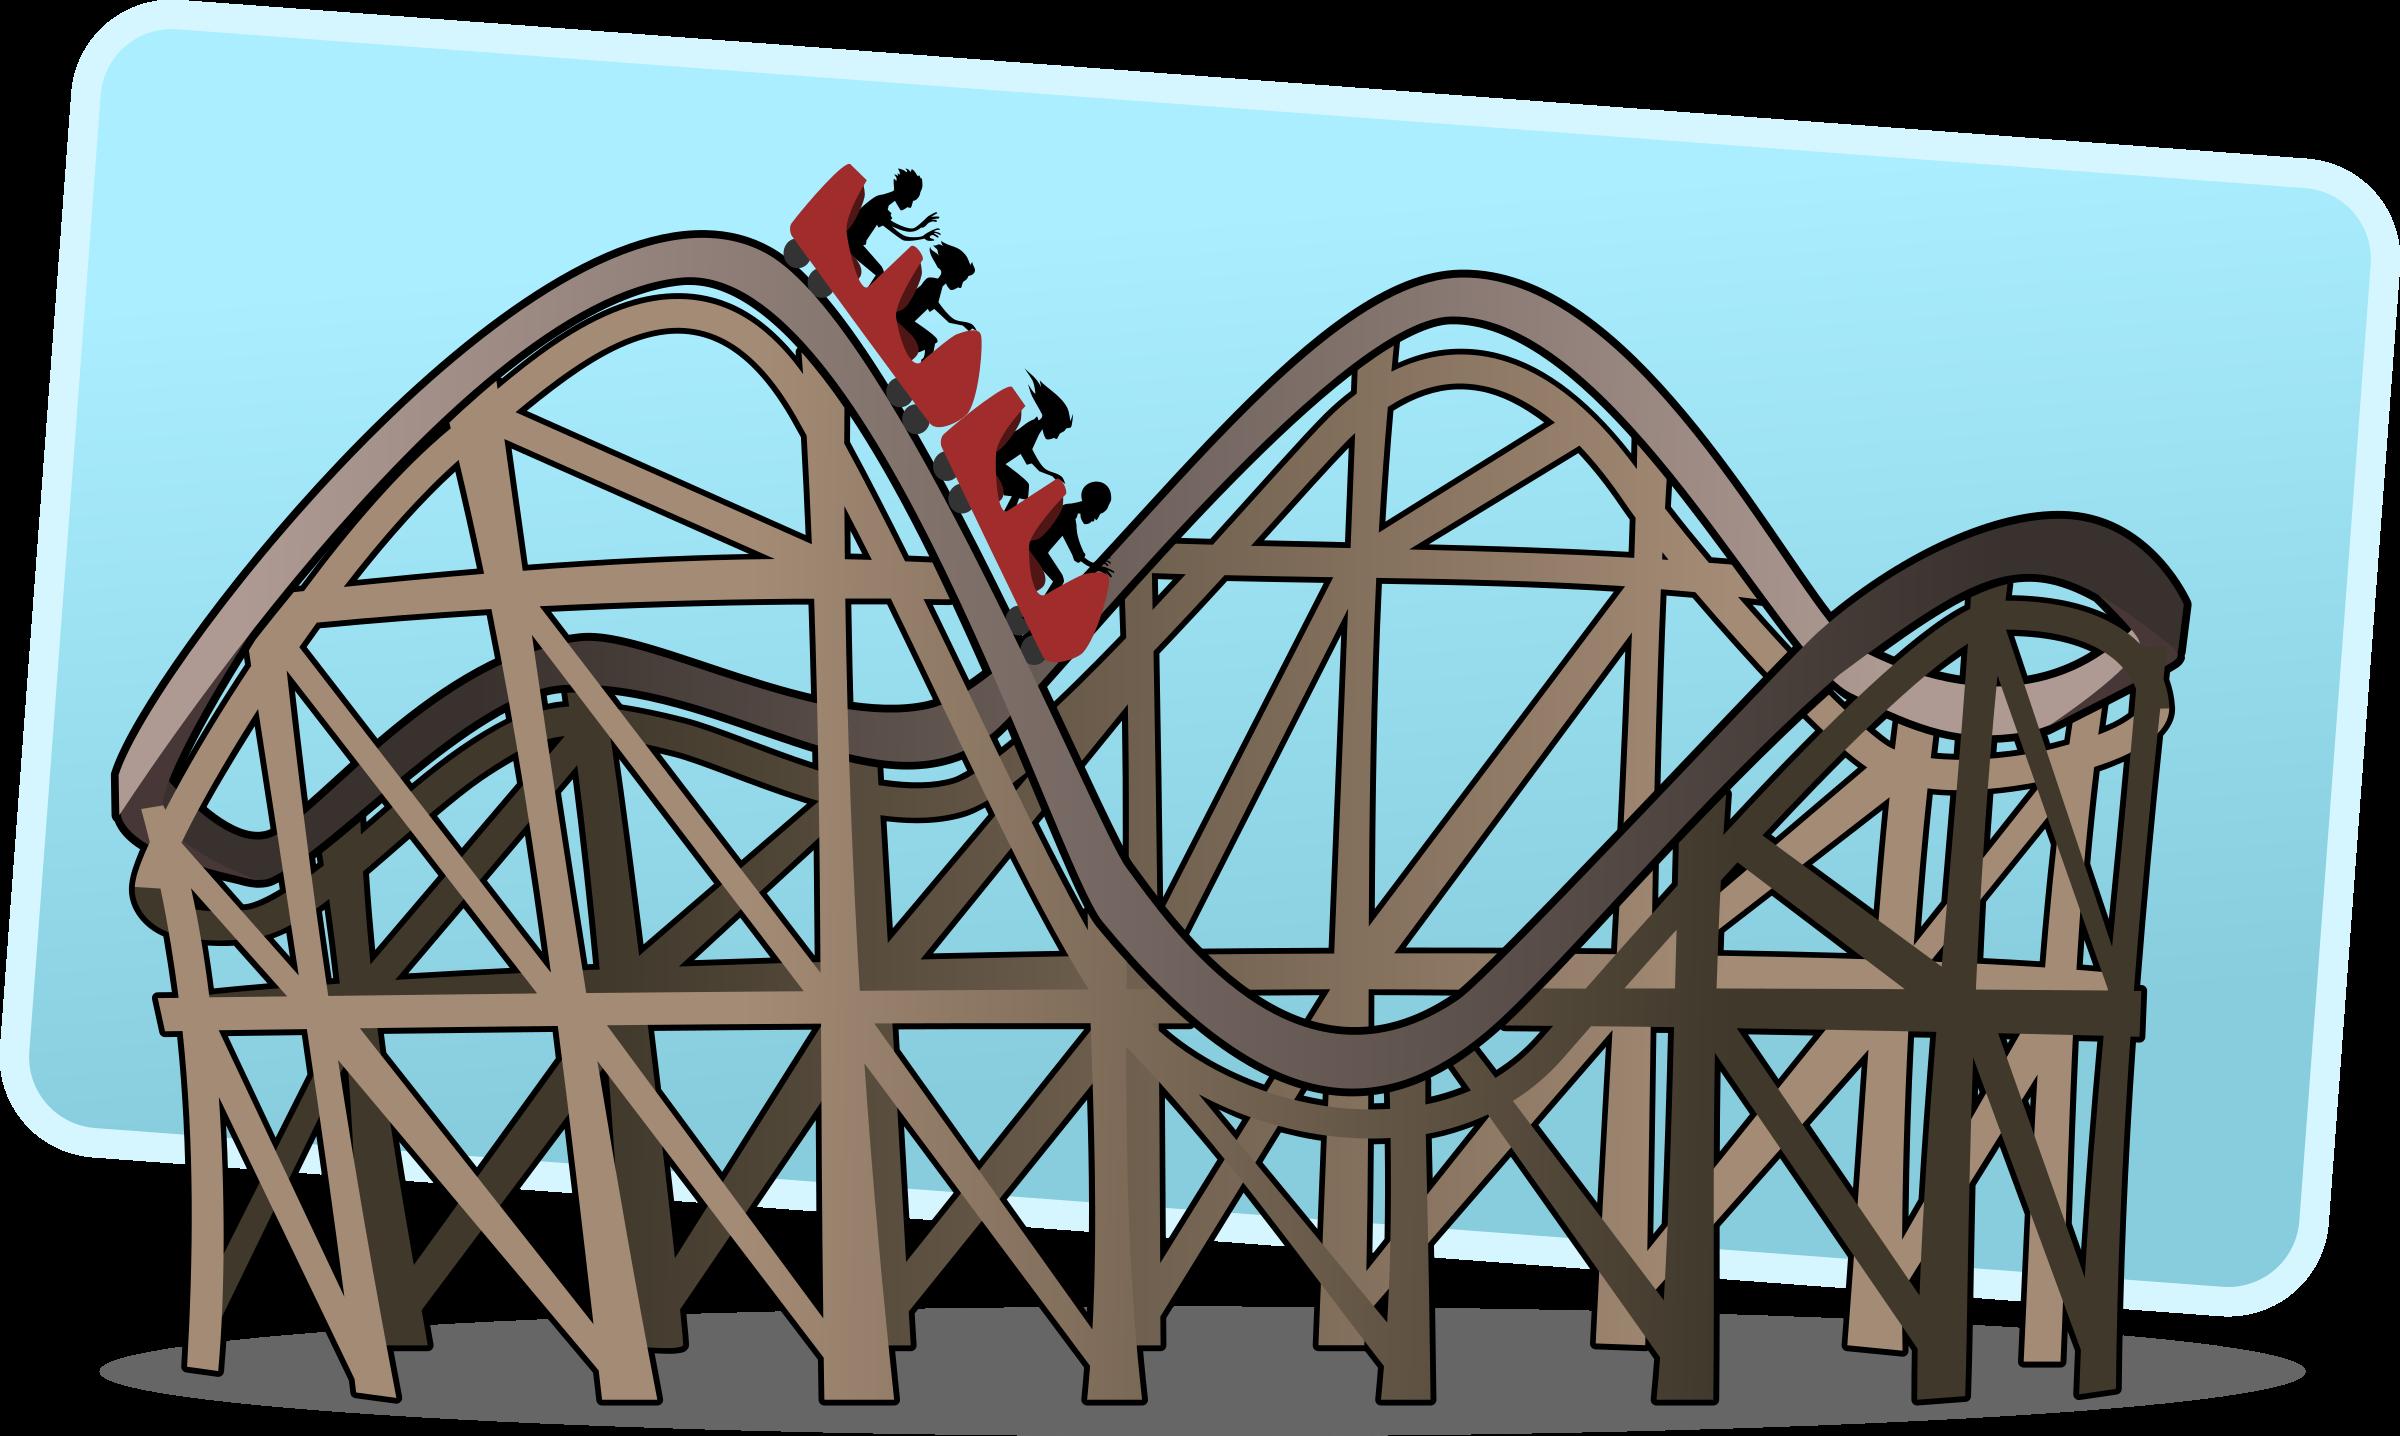 Clip Art Roller Coaster Clip Art Fun Rol-Clip Art Roller Coaster Clip Art fun roller coaster clipart clipartall big  image png-1